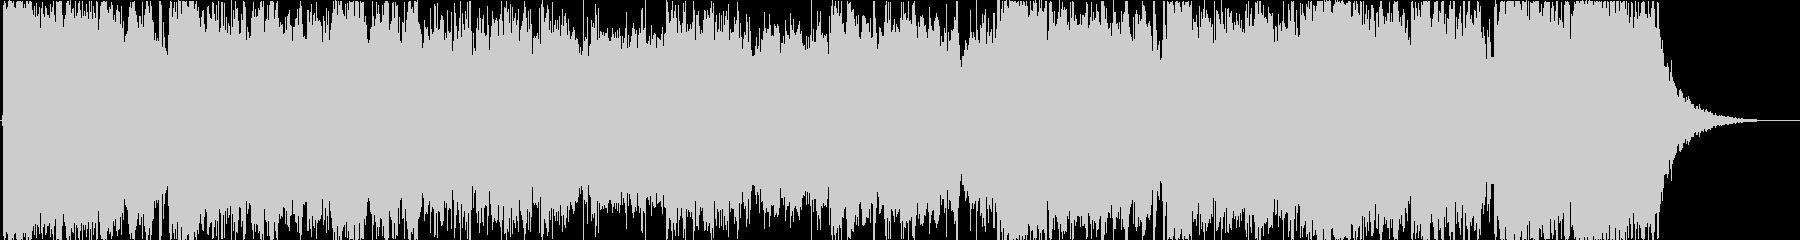 栄光を称えるファンファーレの未再生の波形